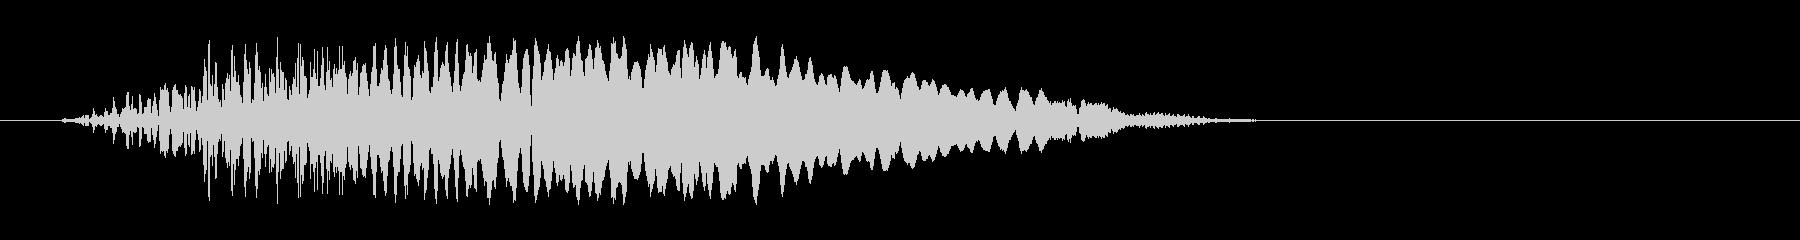 ピュー(何かが飛び出した音)の未再生の波形